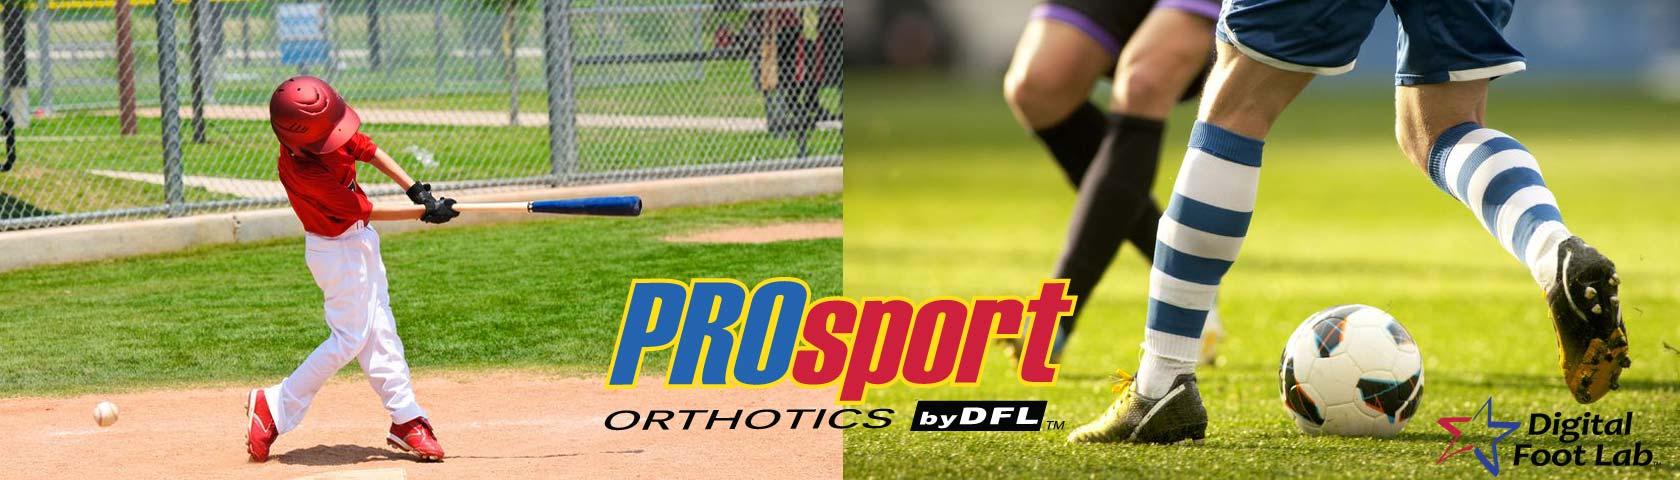 DFL-slider-prosport_v2